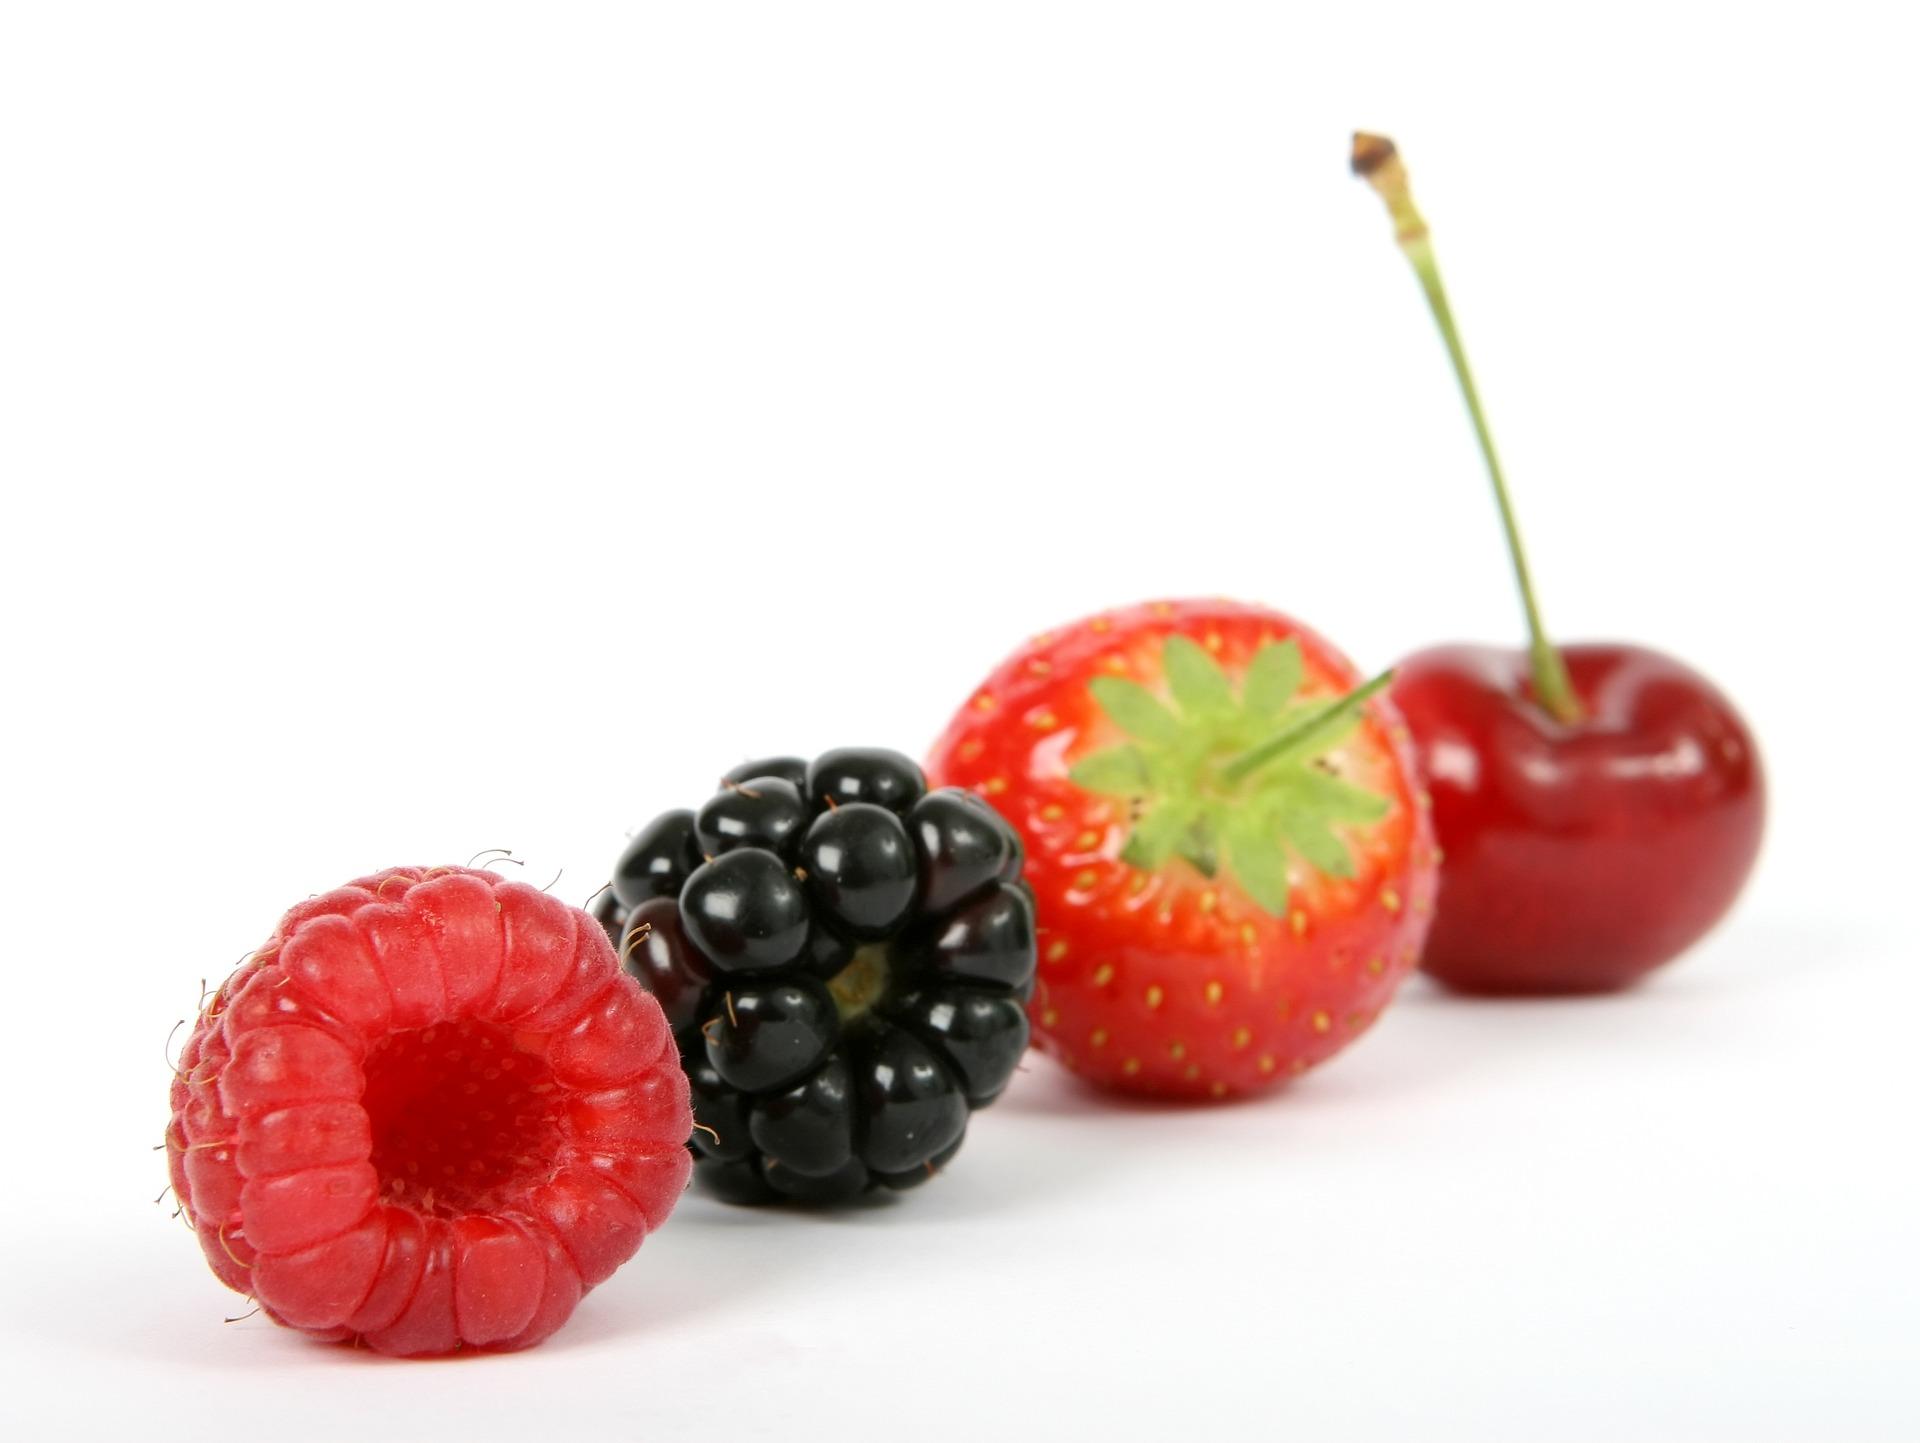 berry-1239100_1920